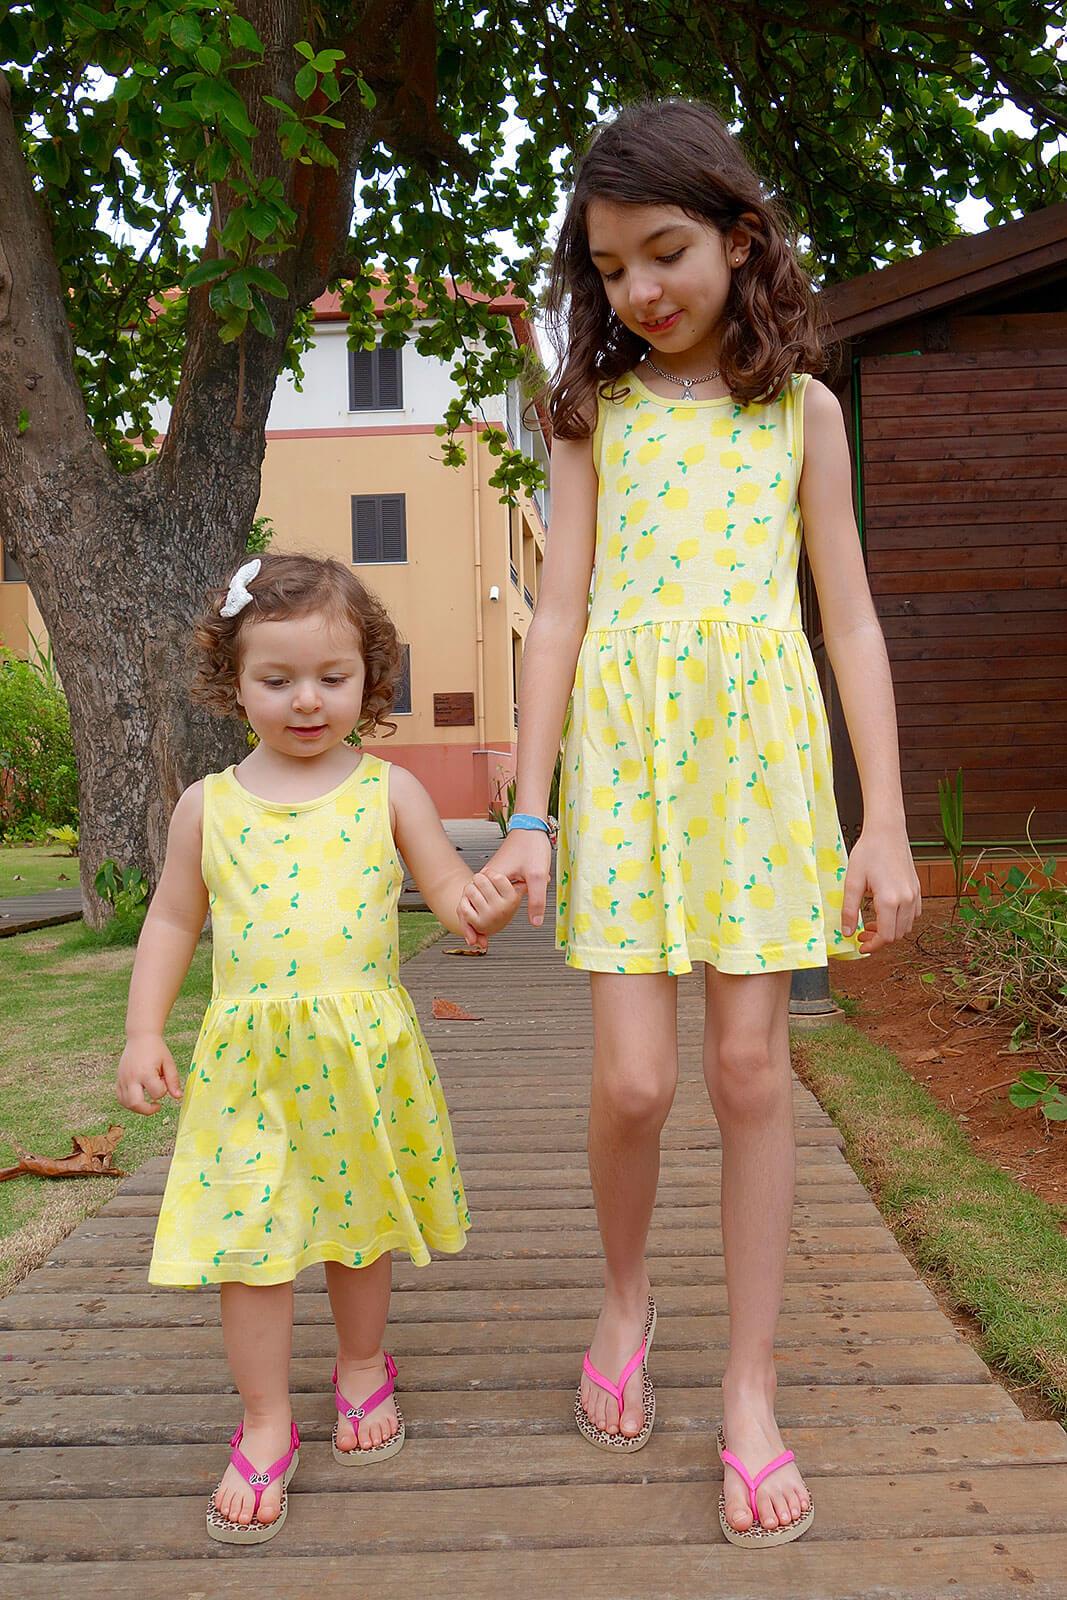 Meninas de vestido amarelo a caminharem de mãos dadas sobre um passadiço de madeira.